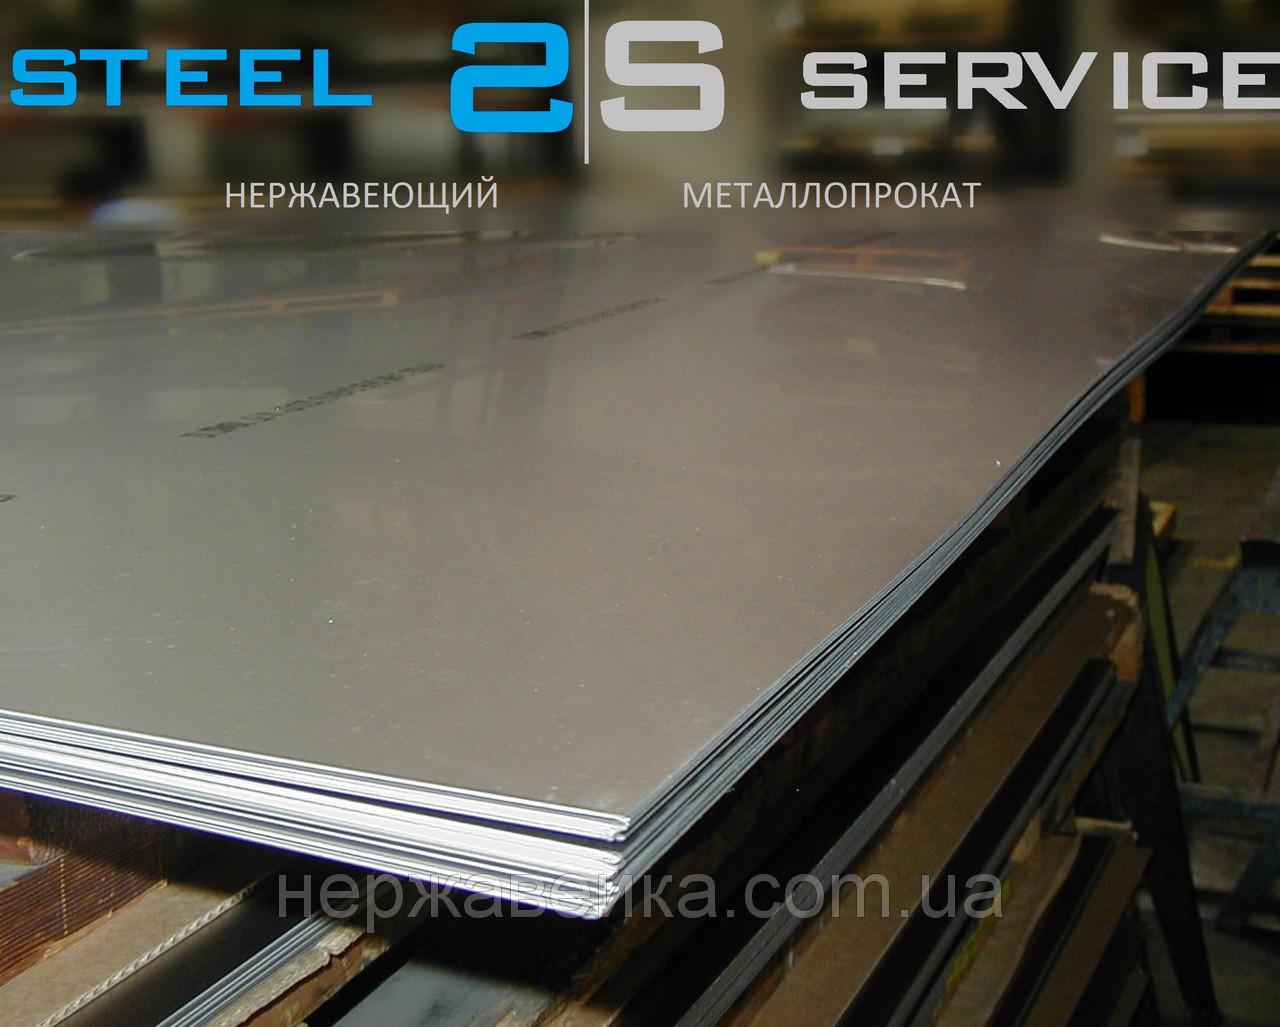 Нержавейка лист 8х1500х6000мм  AISI 304(08Х18Н10) F1 - горячекатанный,  пищевой